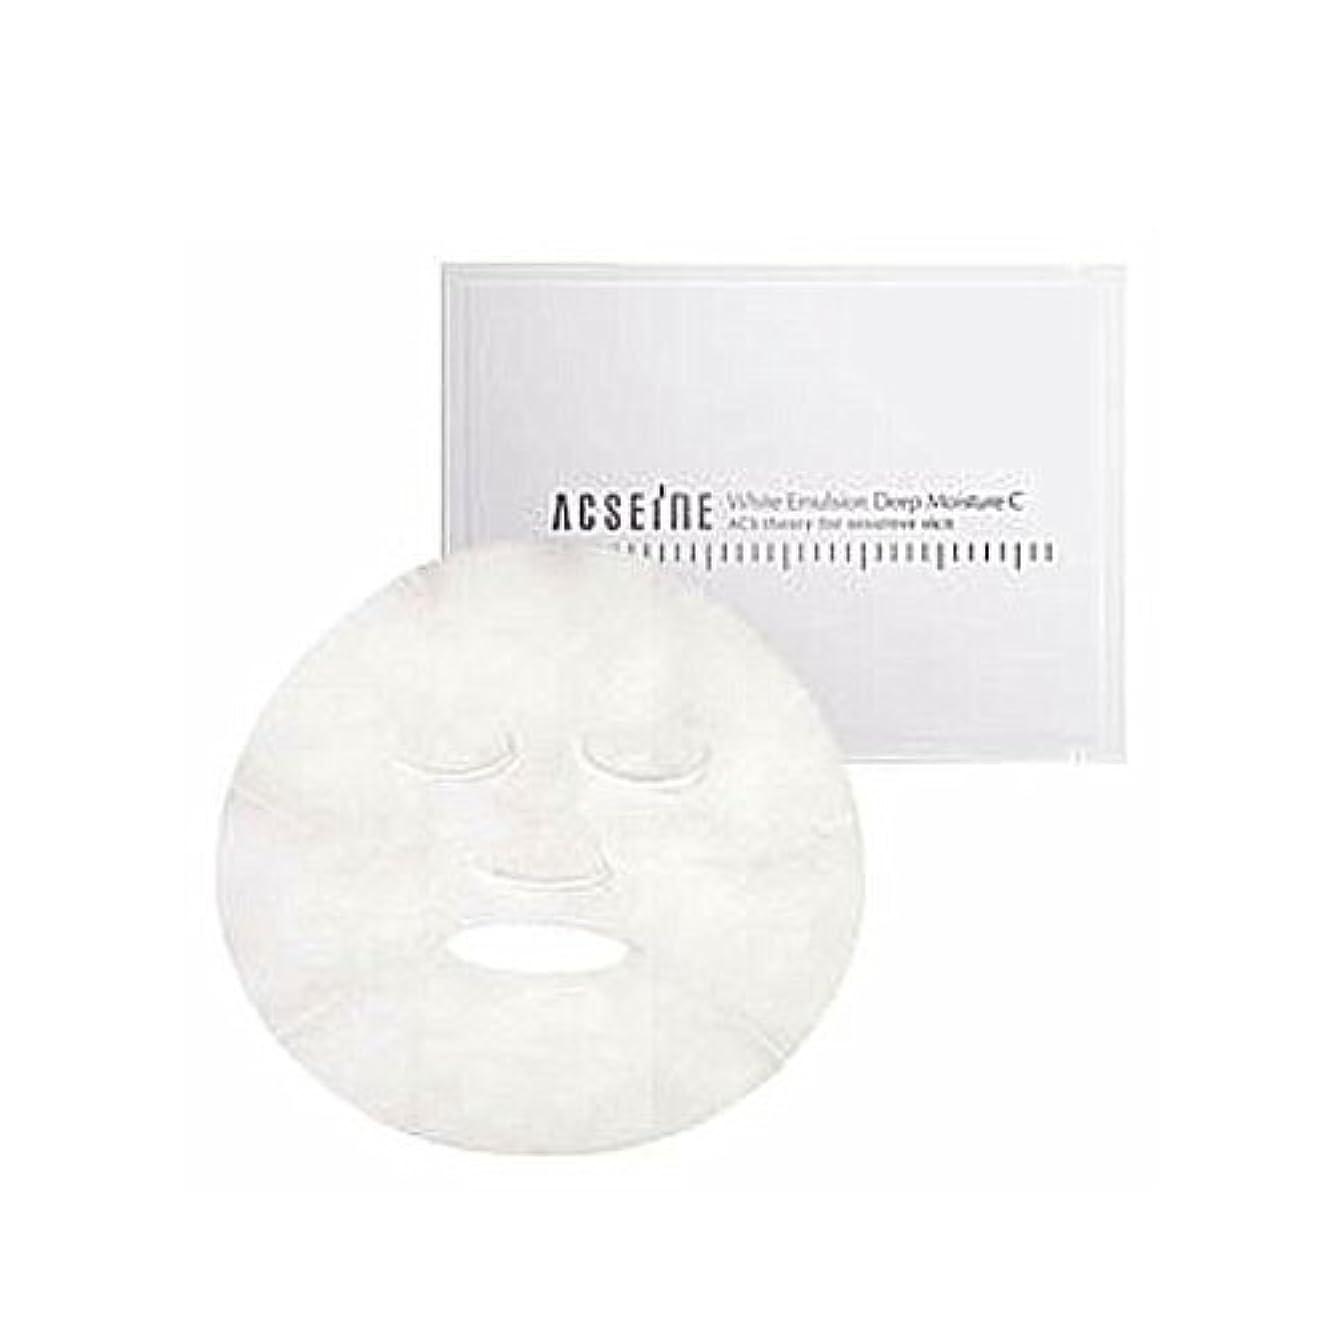 アクセーヌ ホワイト エマルジョン ディープ モイスチュア C マスク 22mL×8枚